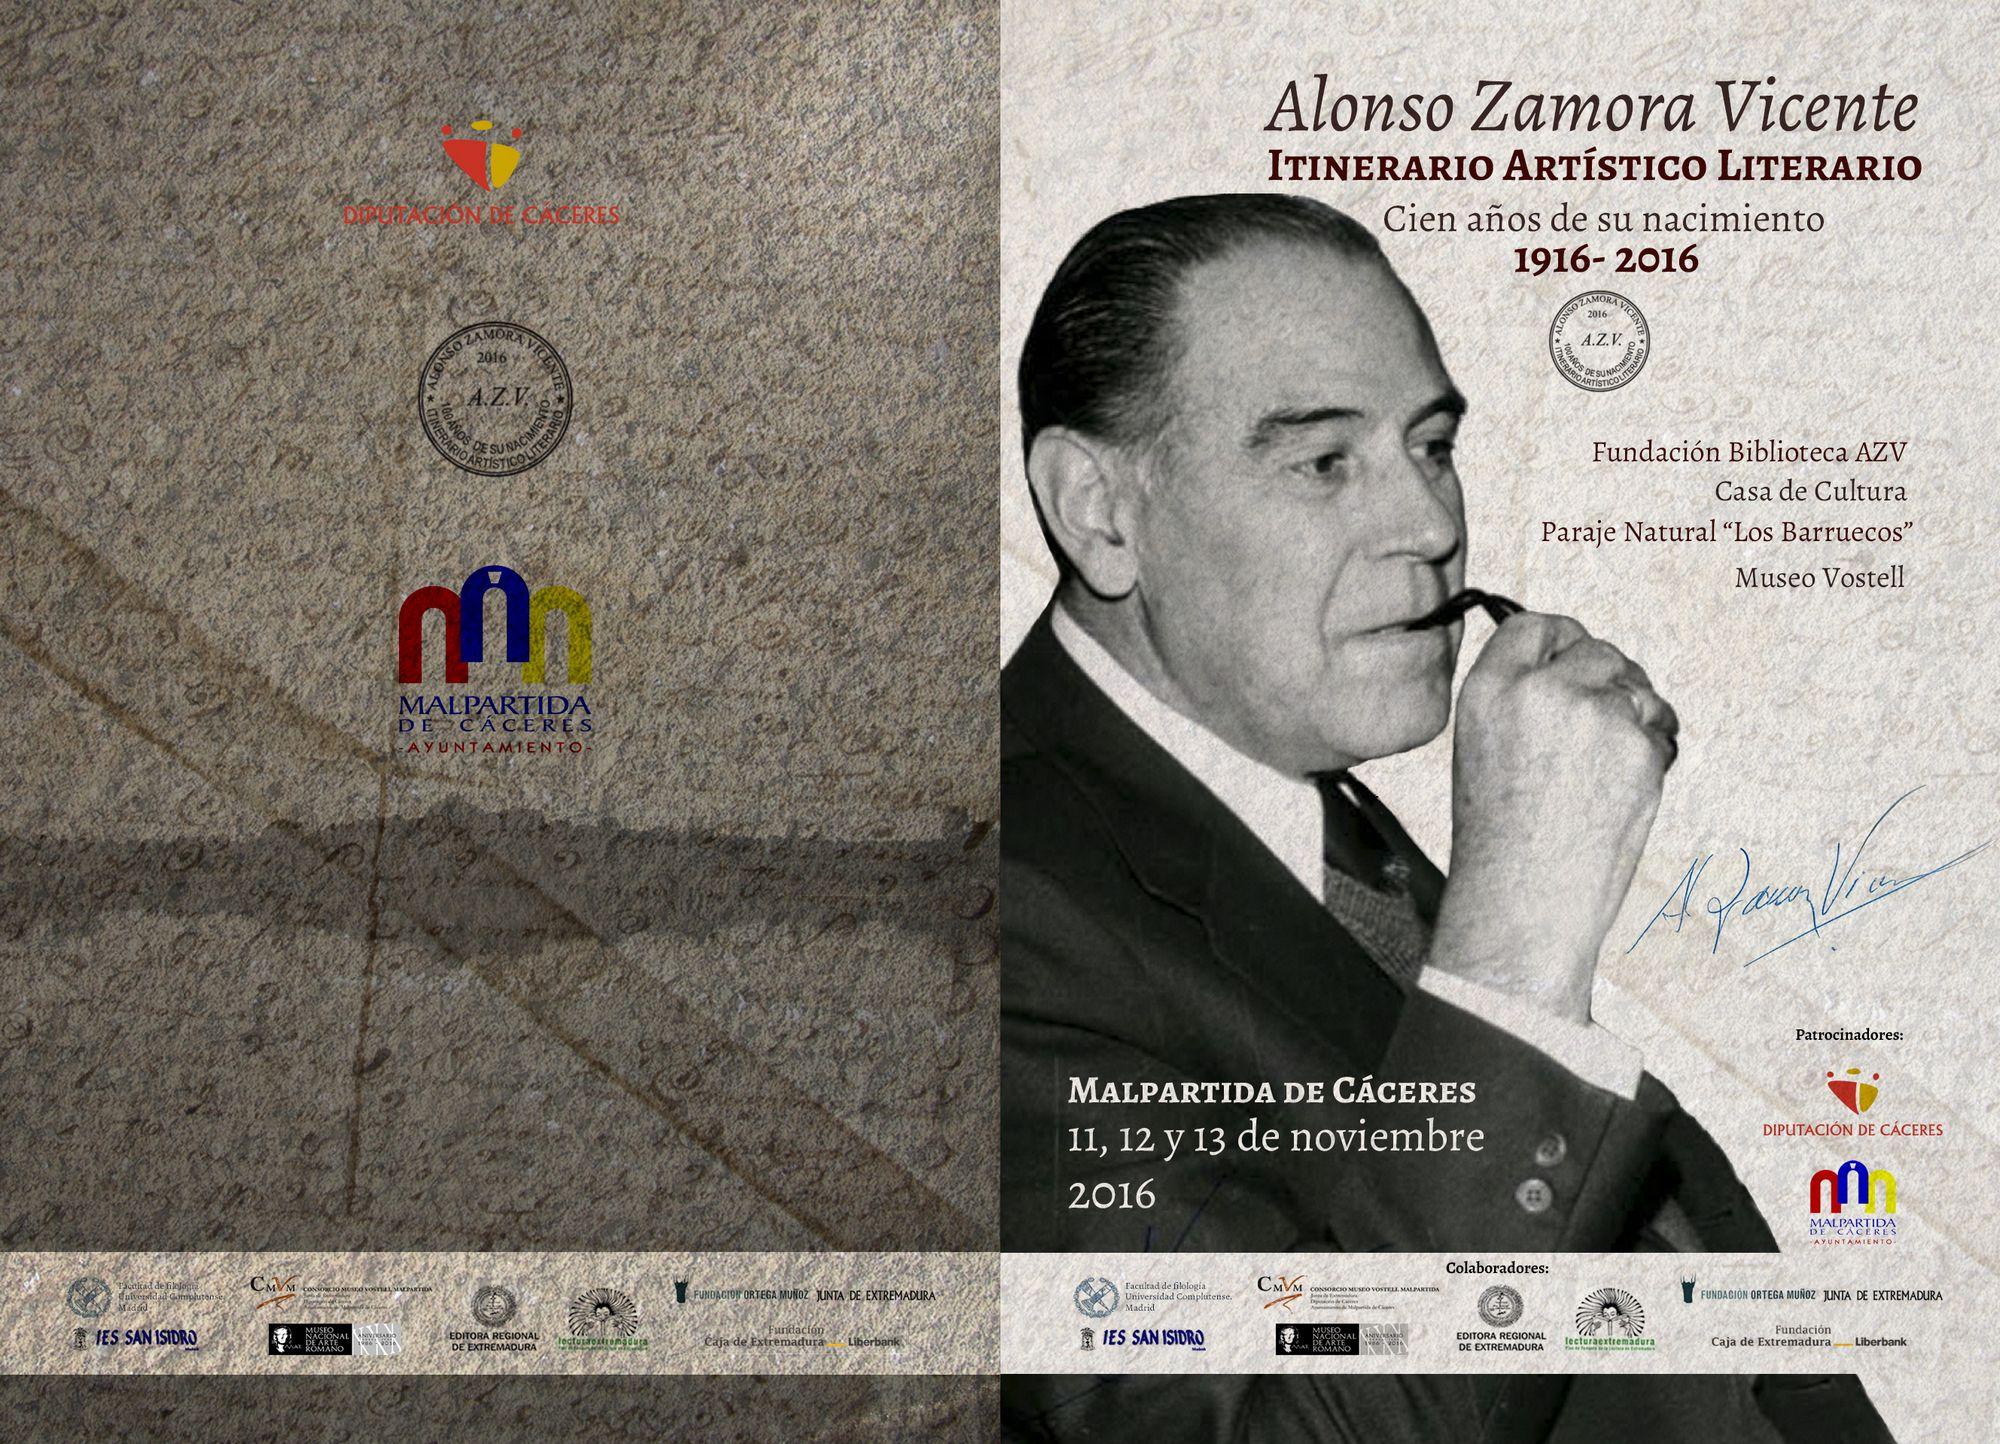 04-carpeta-alonso-zamora-vicente-11-al-13n-2016-itinerario-artistico-literario